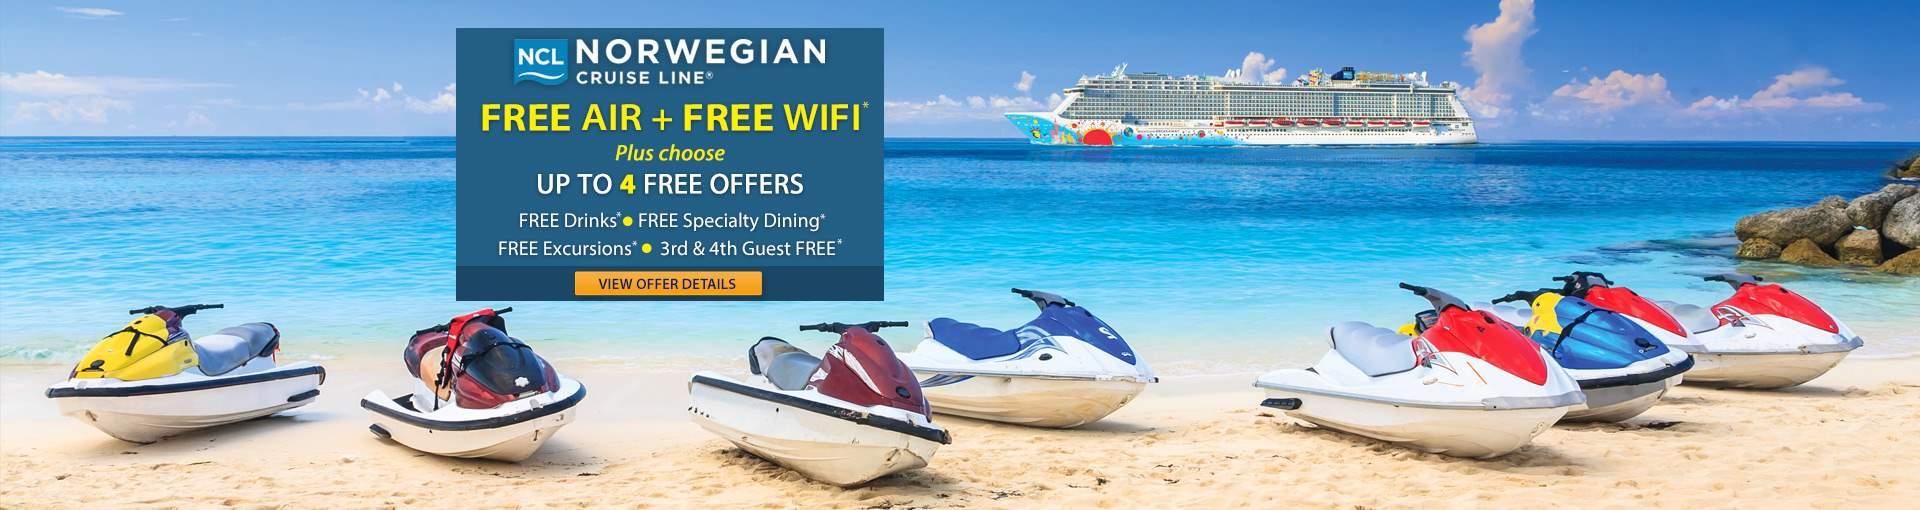 Norwegian Cruise Line: Free Air + Free WiFi & more